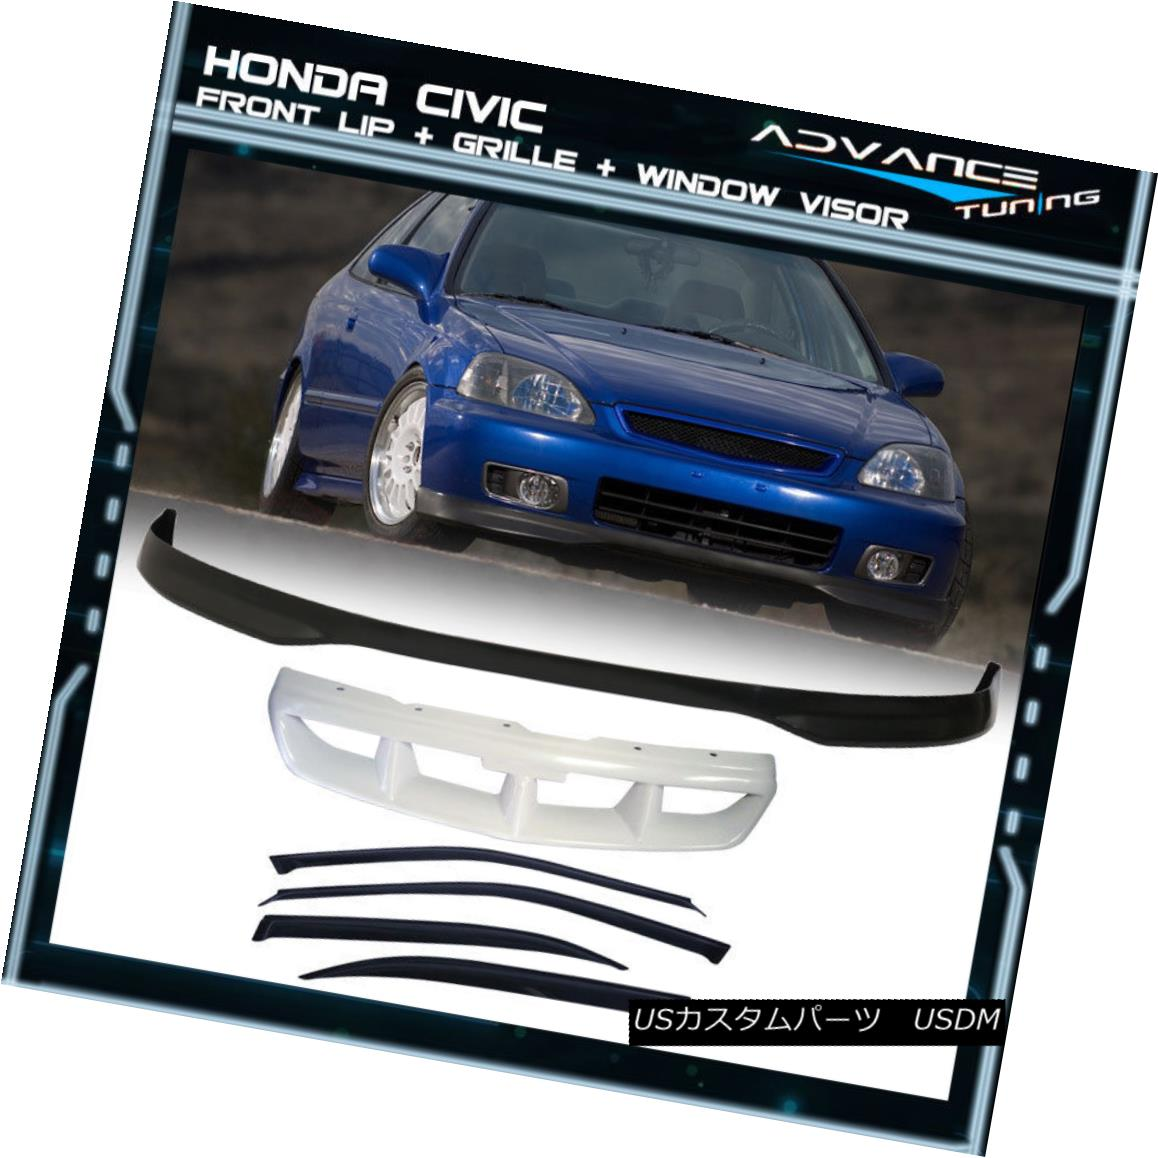 グリル Fits 96-98 Honda Civic 4Dr PP Front Bumper Lip + Grill + Sun Window Visor フィット96-98ホンダシビック4Dr PPフロントバンパーリップ+グリル+サンウィンドウバイザー